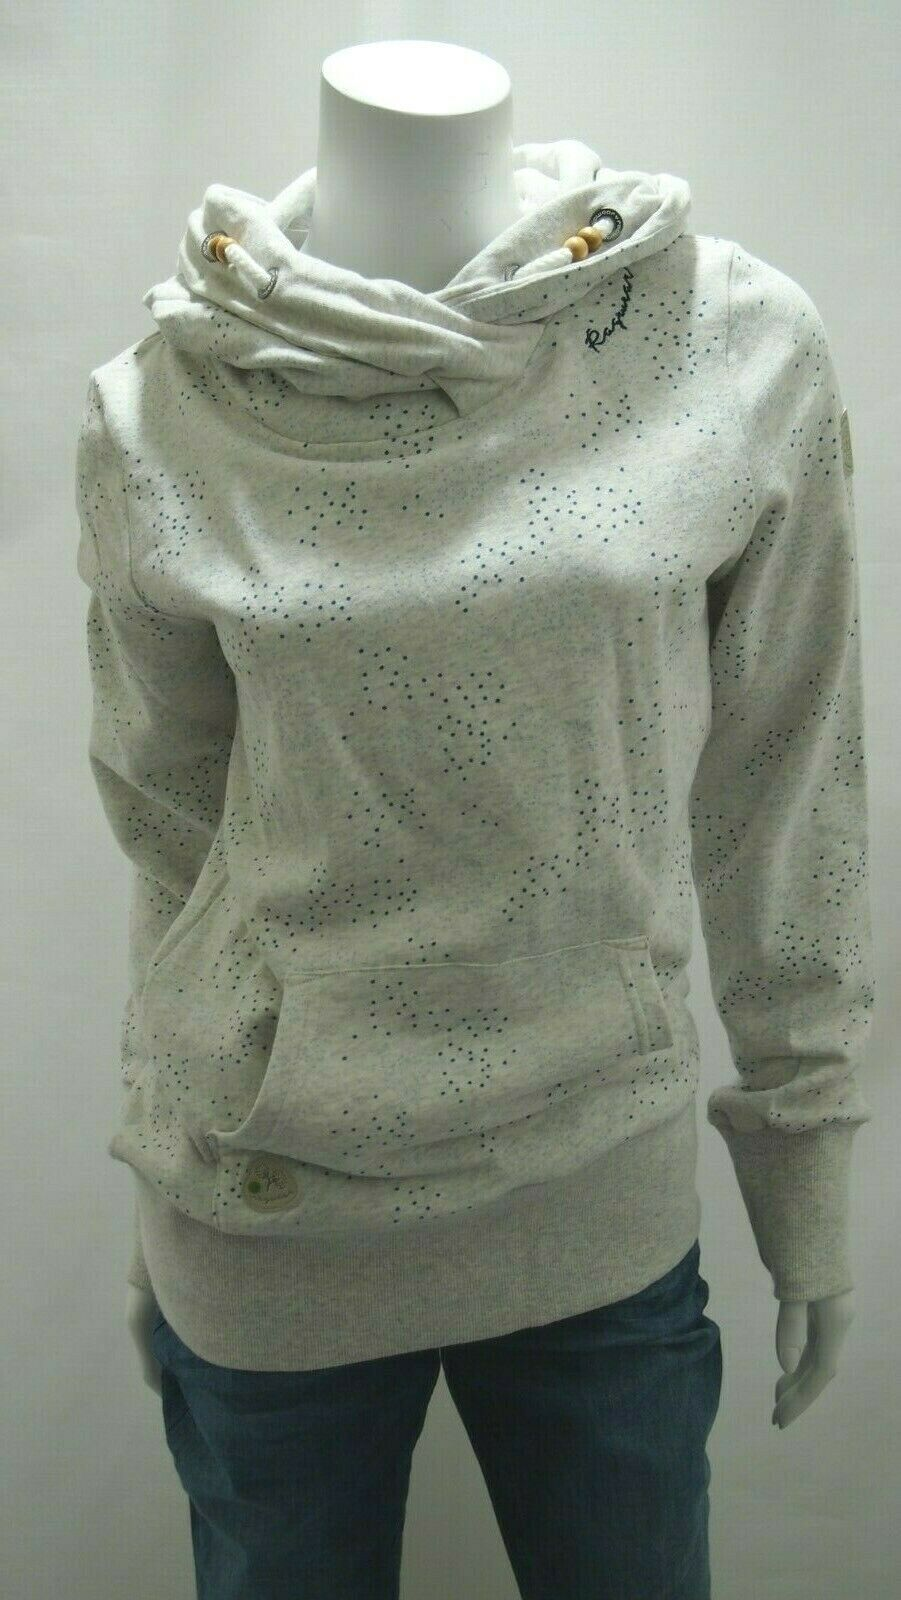 Ragwear Damen Sweatshirt Angelina Angelina Angelina A Organic Hoodie Kapuze Sweatshirt Punkte Neu | Förderung  | Exquisite (in) Verarbeitung  | Erste Gruppe von Kunden  | Neu  | Economy  c2f393